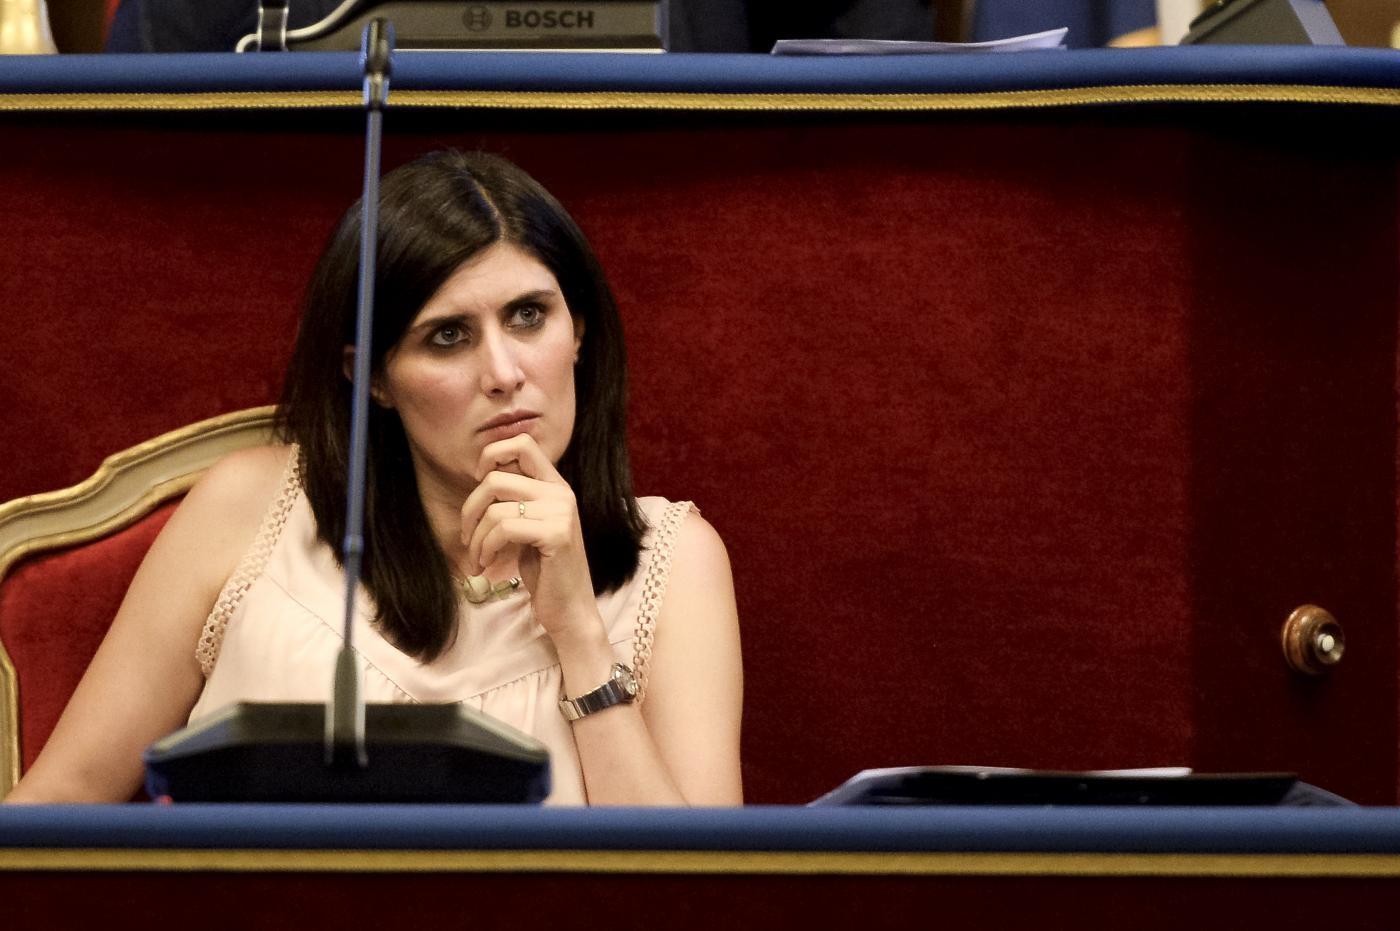 """Olimpiadi 2026, appello a Torino: """"C'è ancora tempo"""". Appendino: """"Non ci siamo tirati indietro. Errore candidatura a tre"""""""